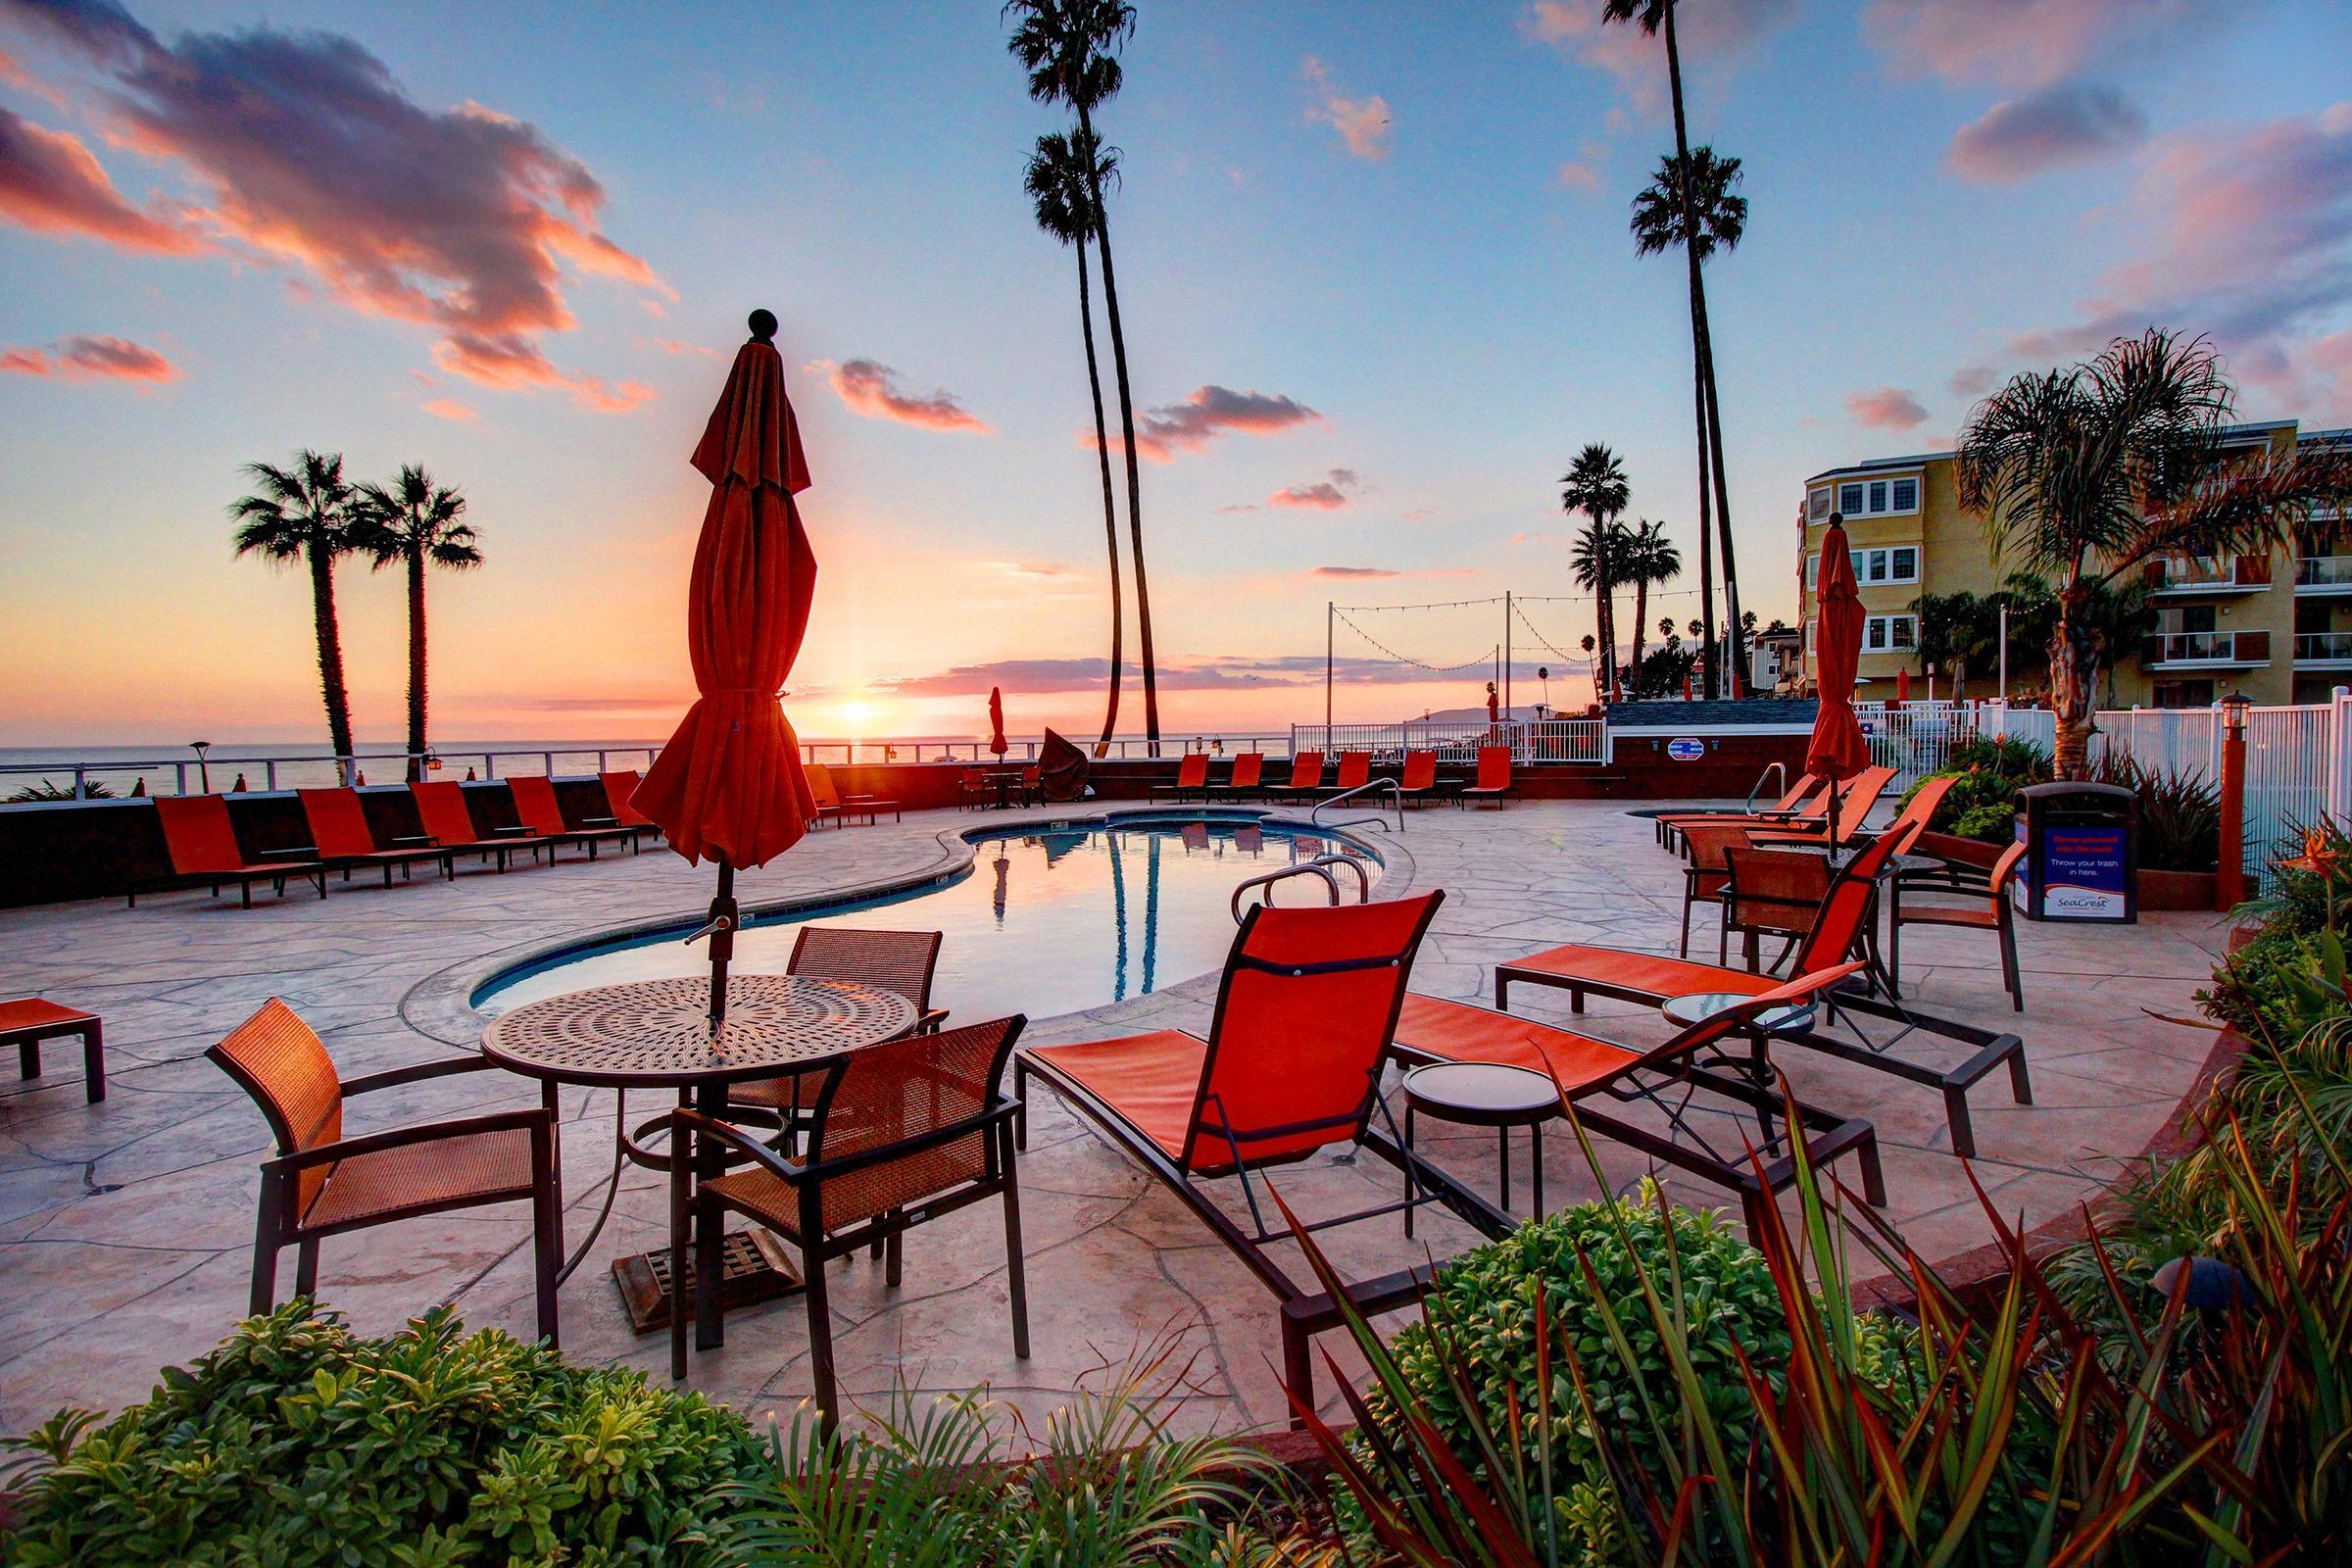 SeaCrest OceanFront Hotel image 4